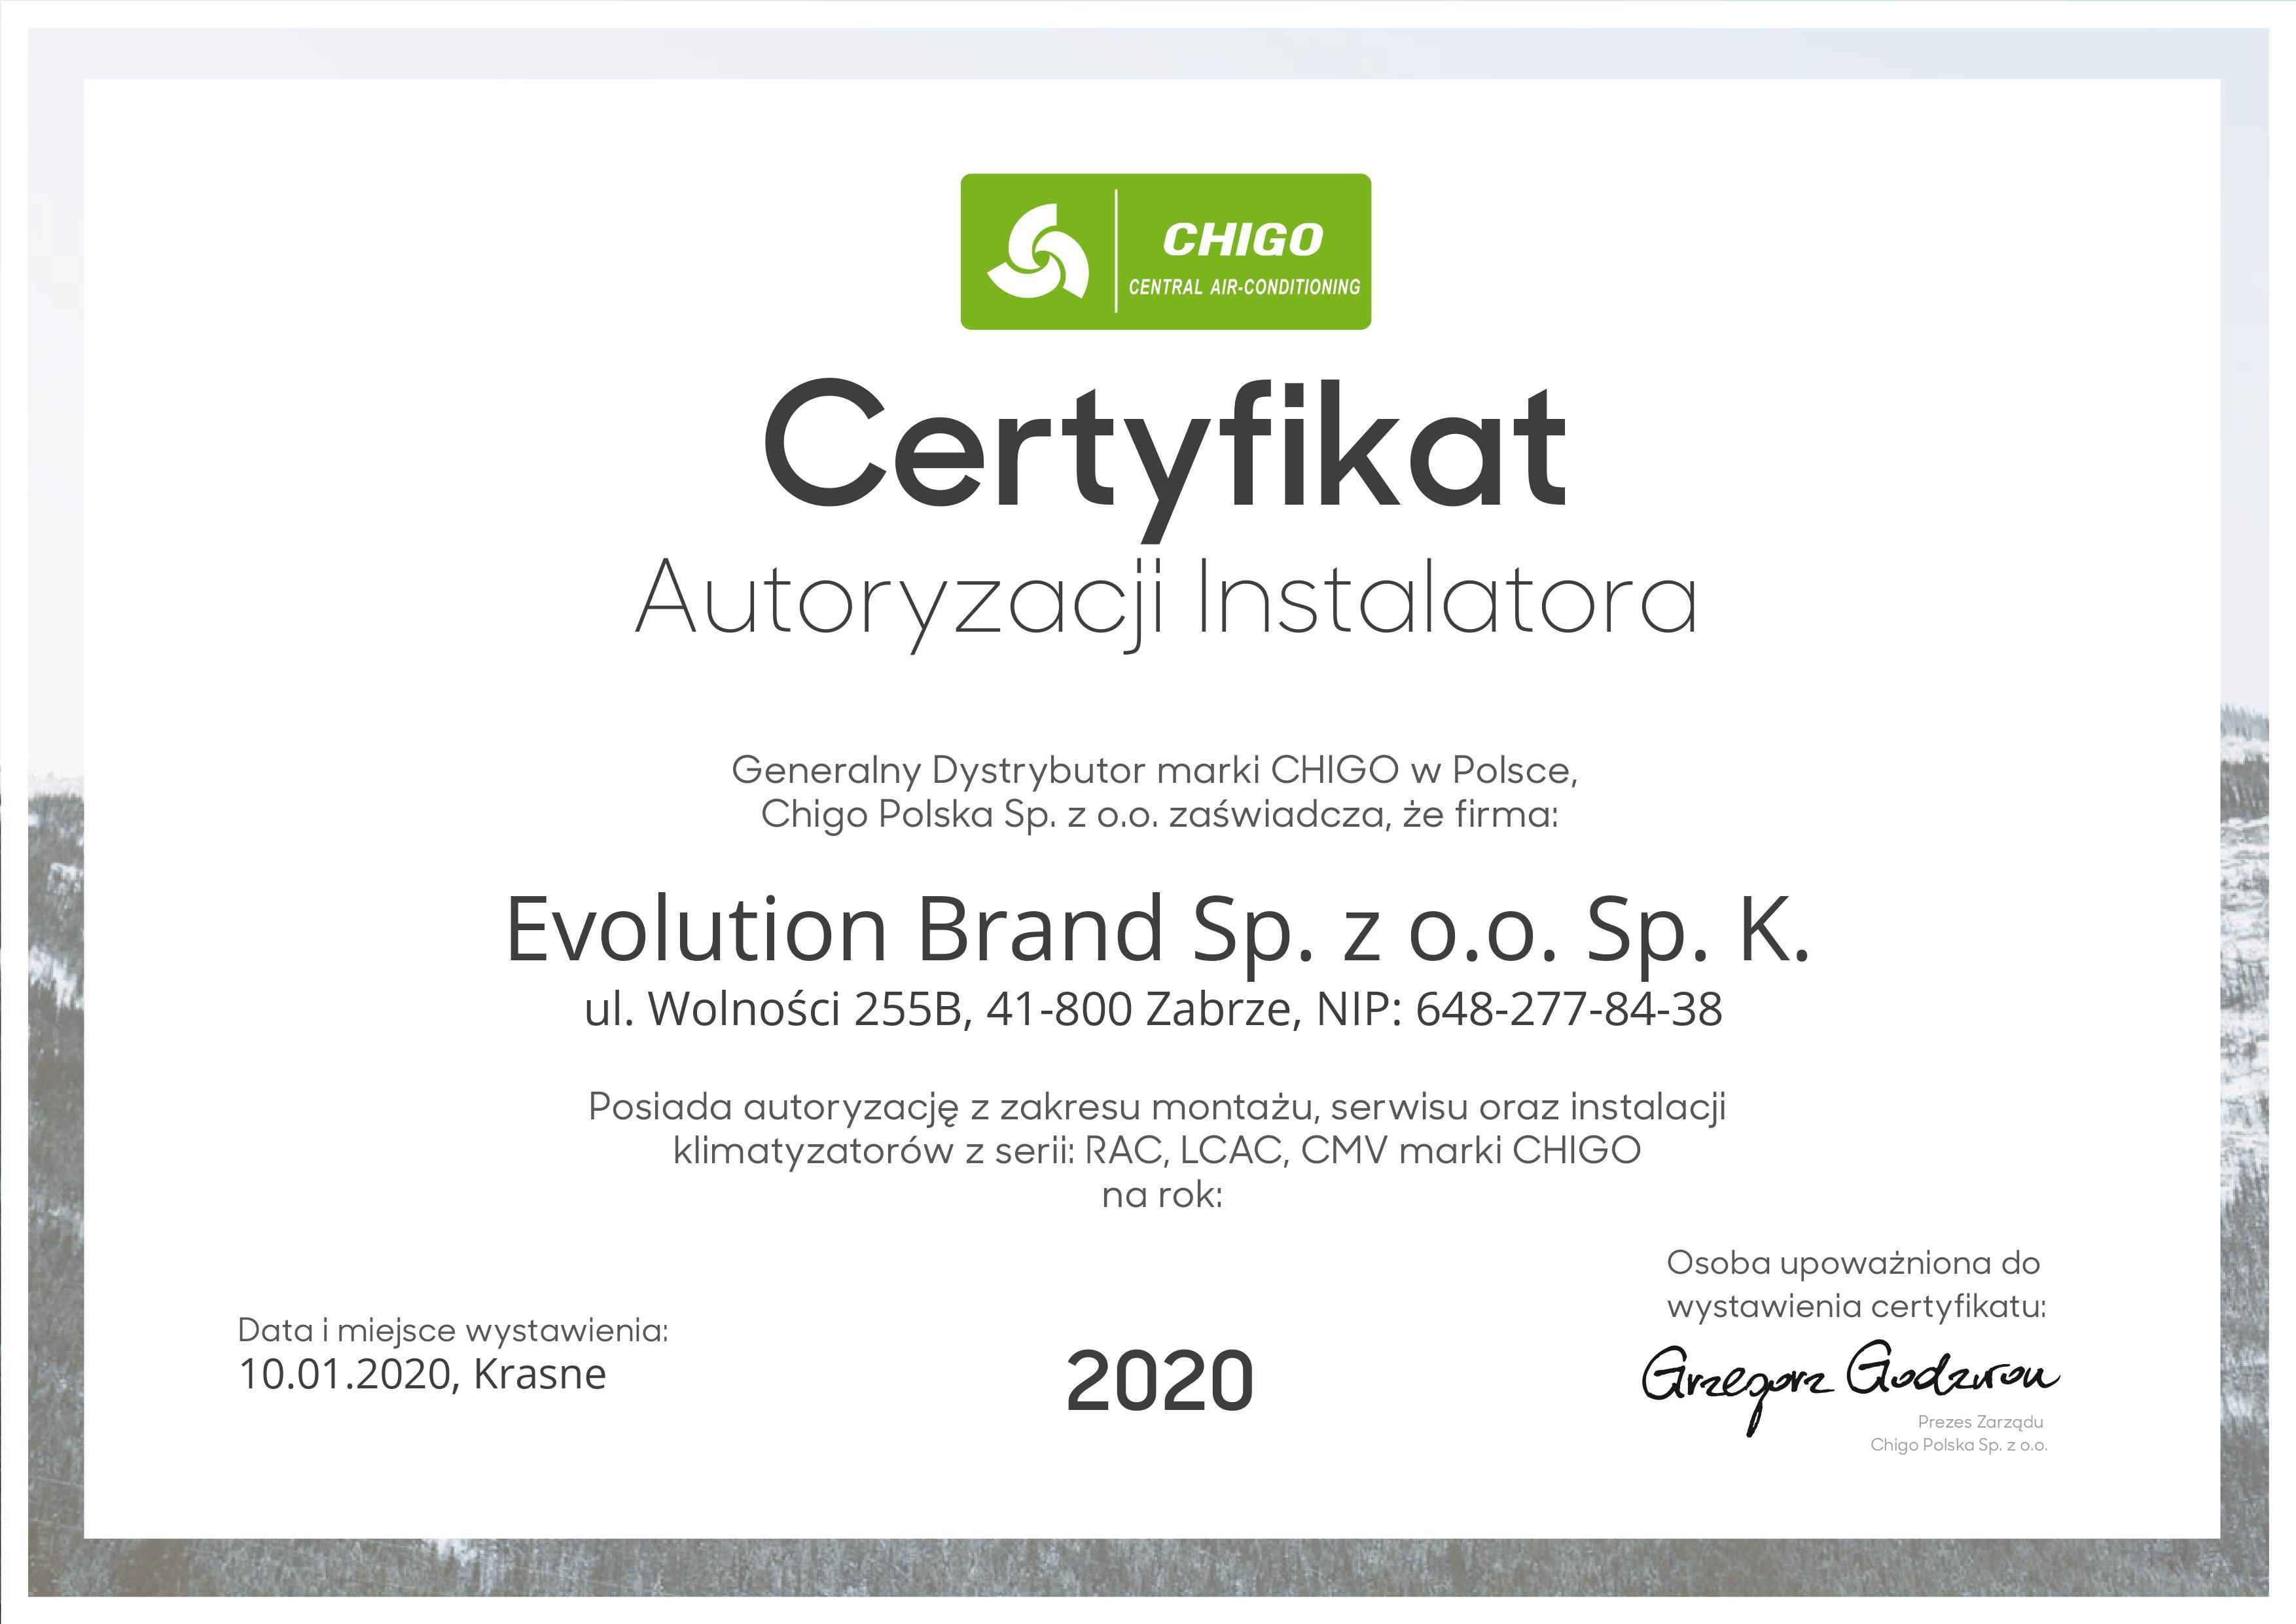 Certyfikat Chigo 2020